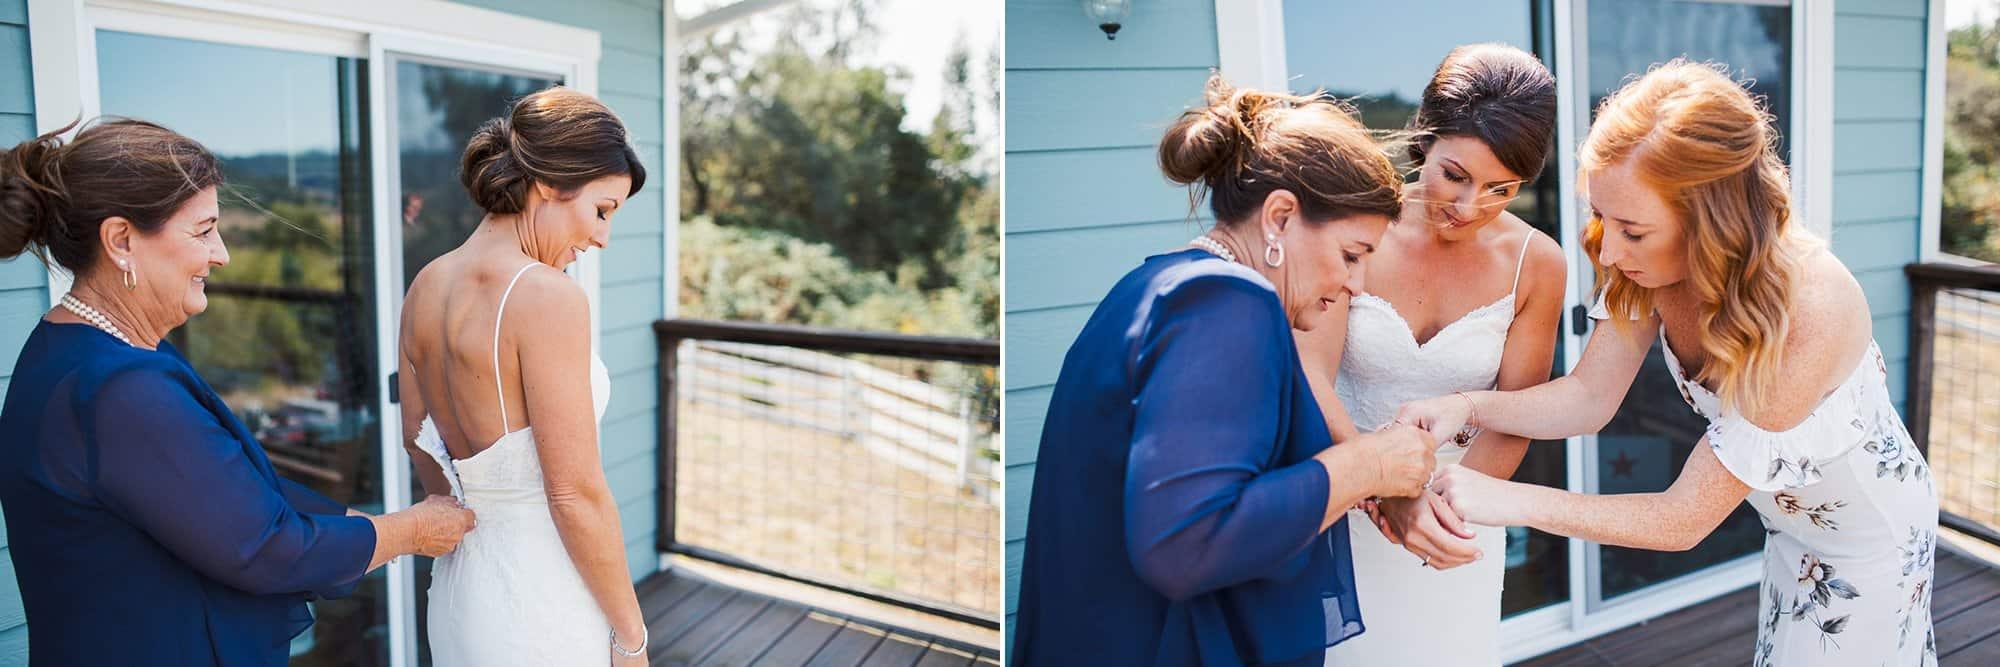 sebastopol-wedding-photographer-444